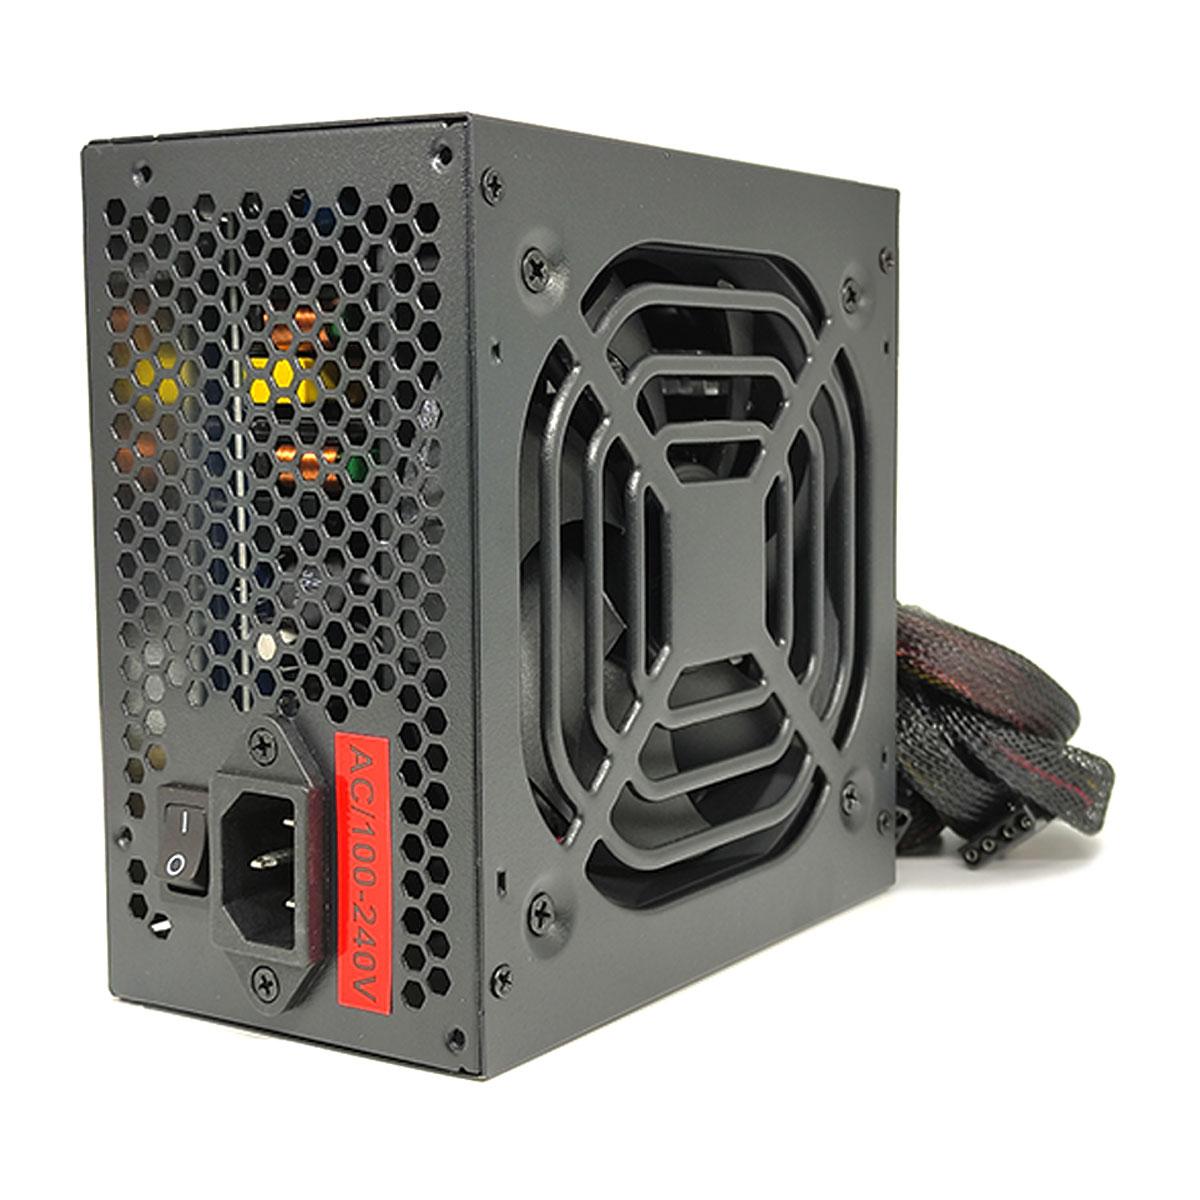 Fonte Gamer KTROK KT-FT 500W 80 Plus Bronze, PFC Ativo, Bivolt Automático